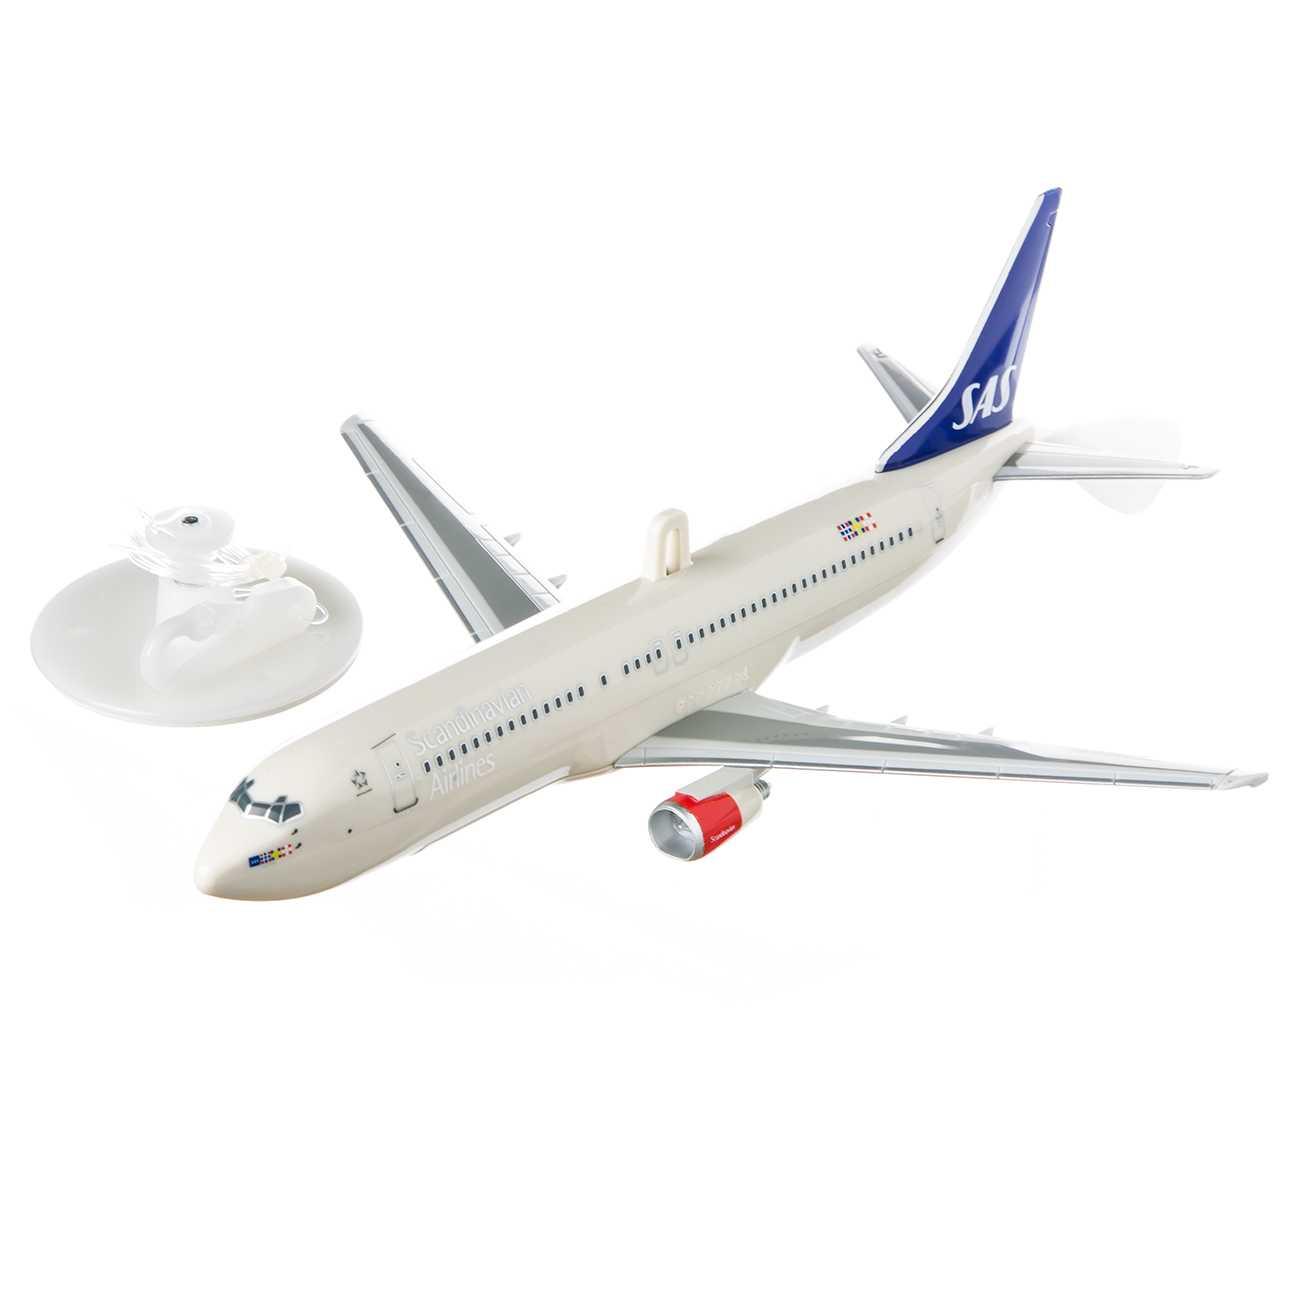 SCANDINAVIAN AIRLINES FLYING PLANE